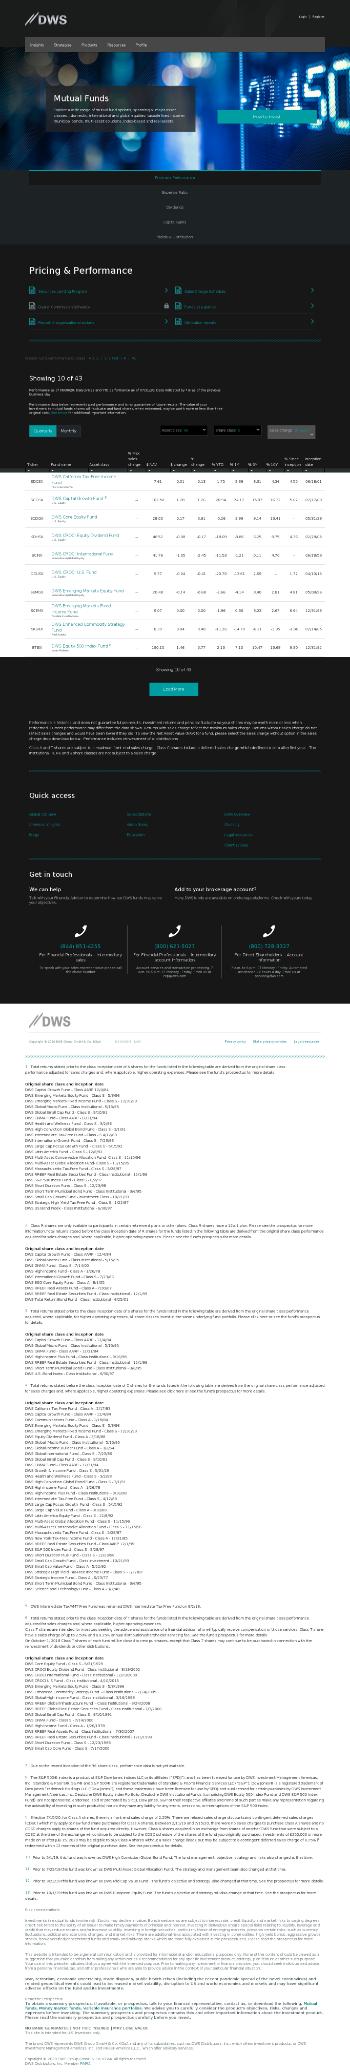 DWS Strategic Municipal Income Trust Website Screenshot